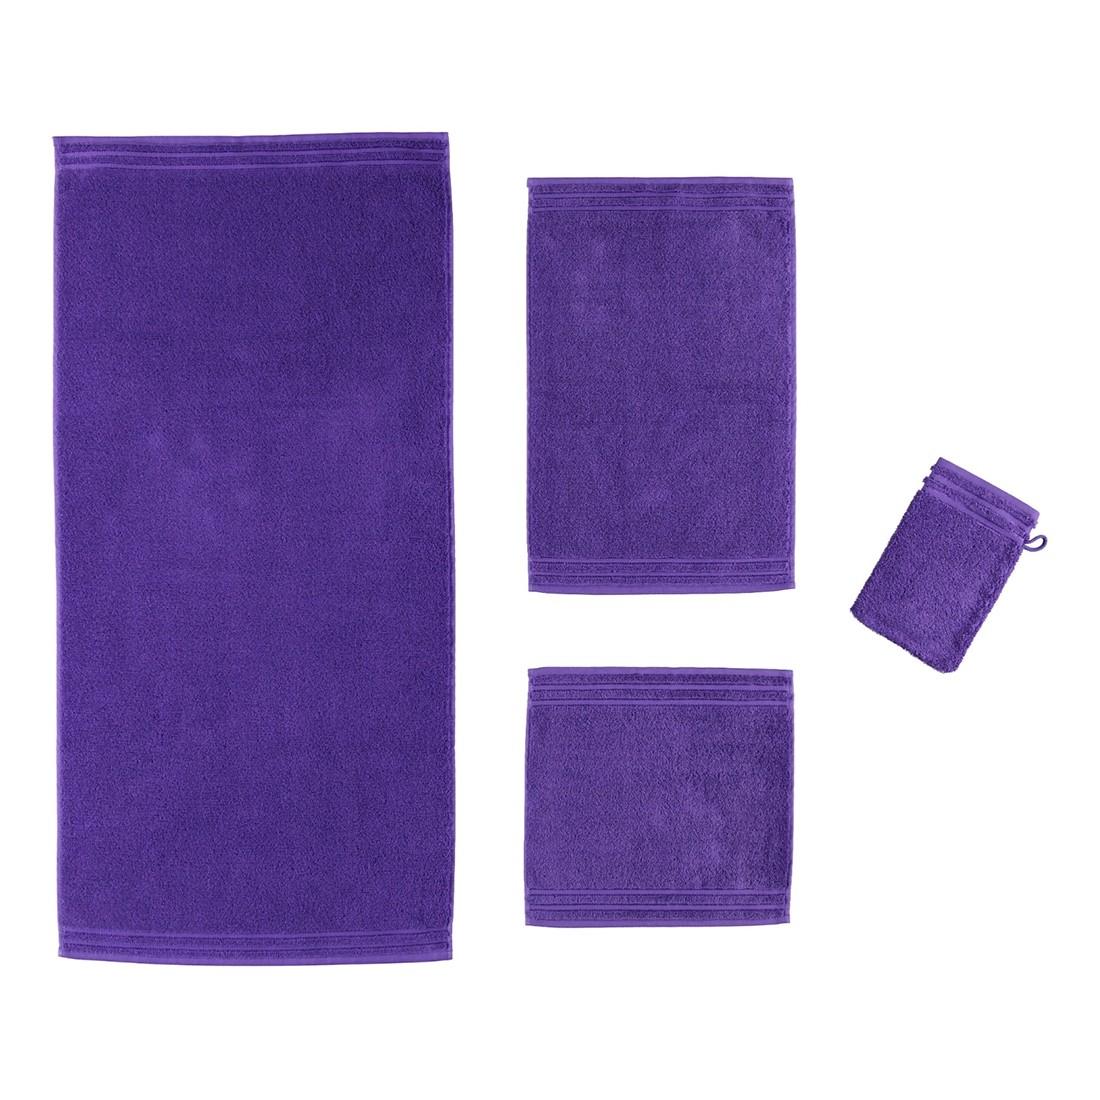 Handtuch Calypso Feeling – 100% Baumwolle Violett – 857 – Duschtuch: 67×140 cm, Vossen jetzt bestellen